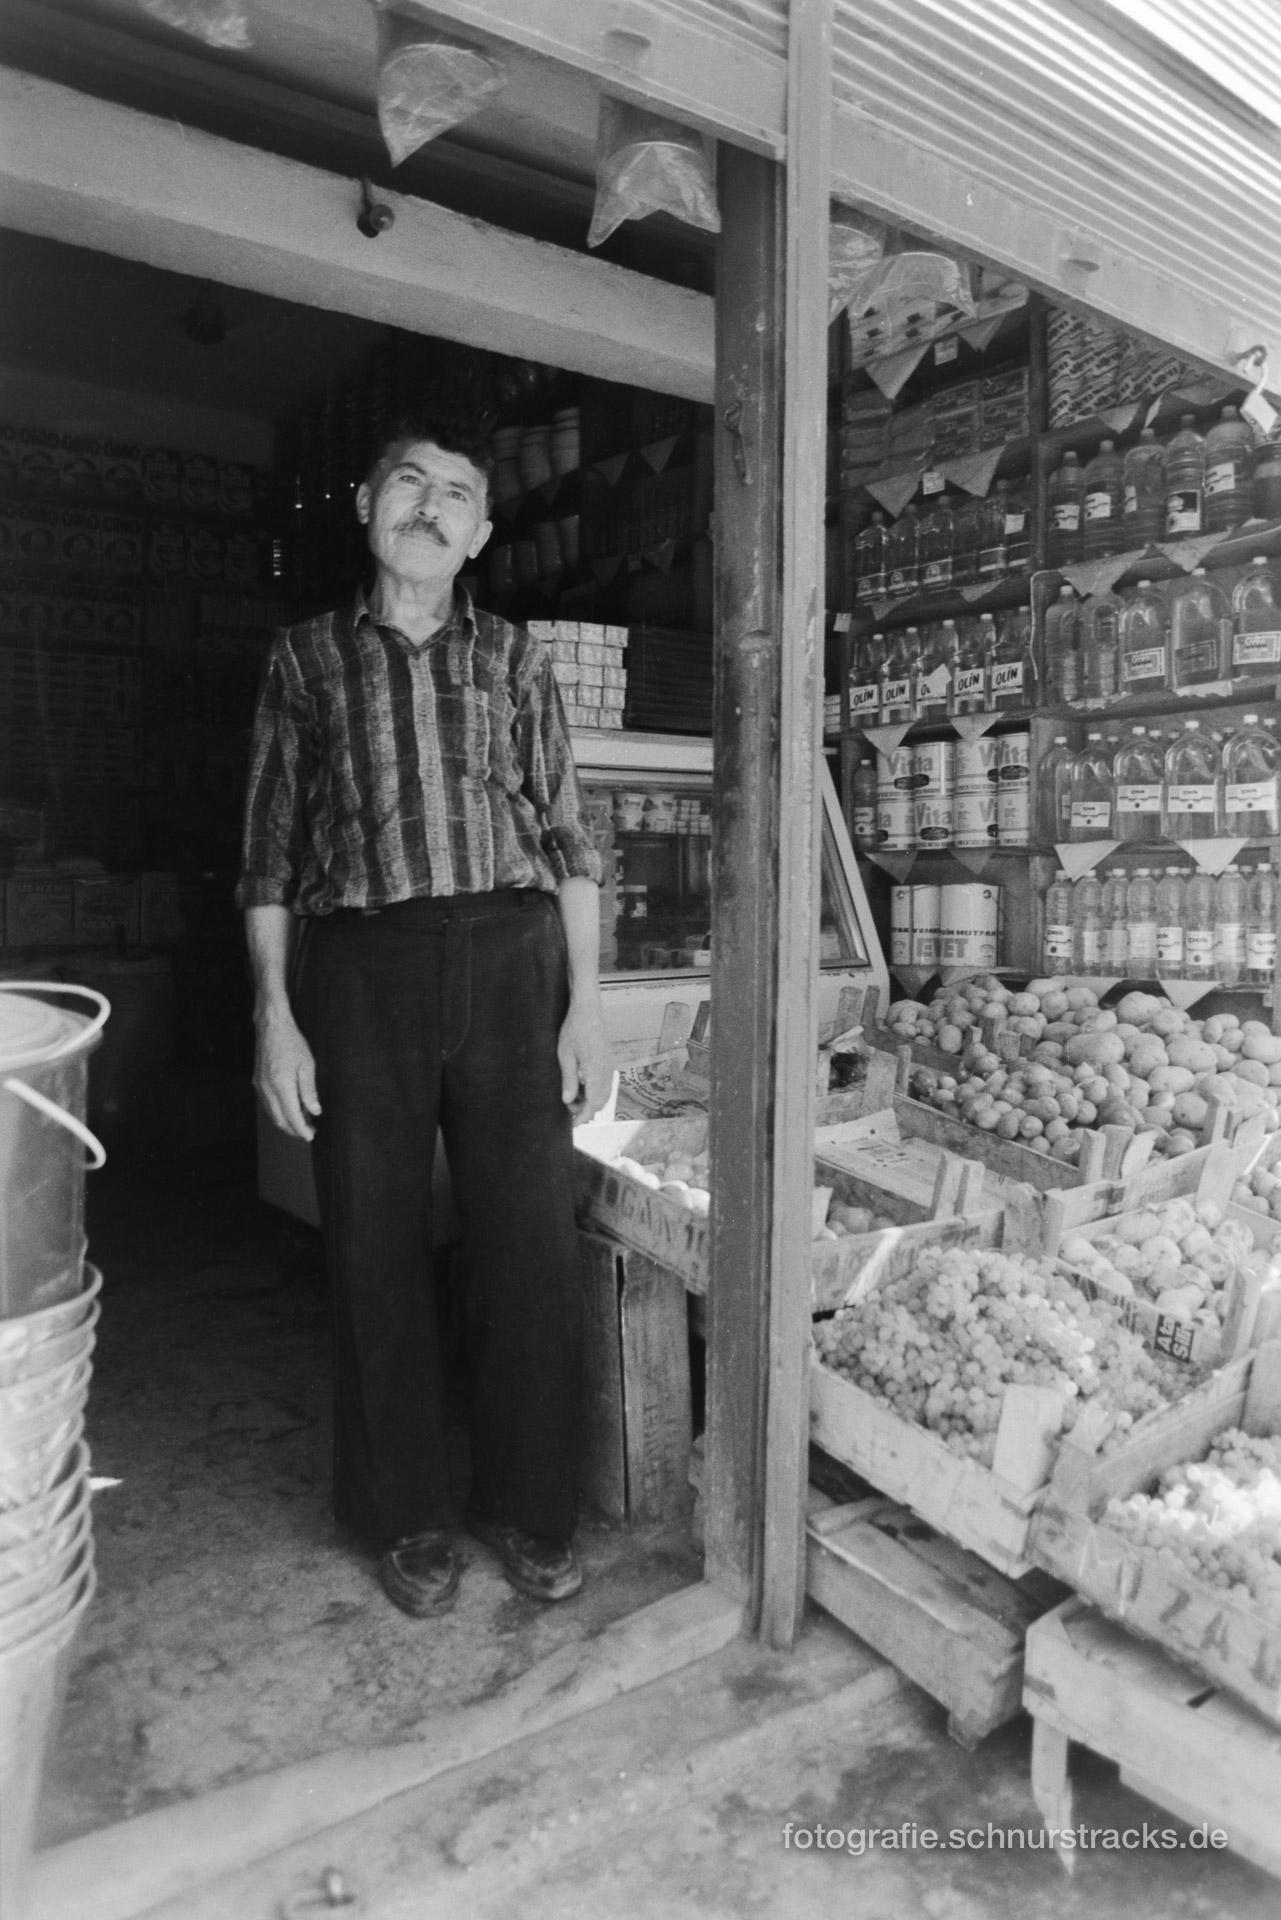 Ladenbesitzer – Türkei 1988